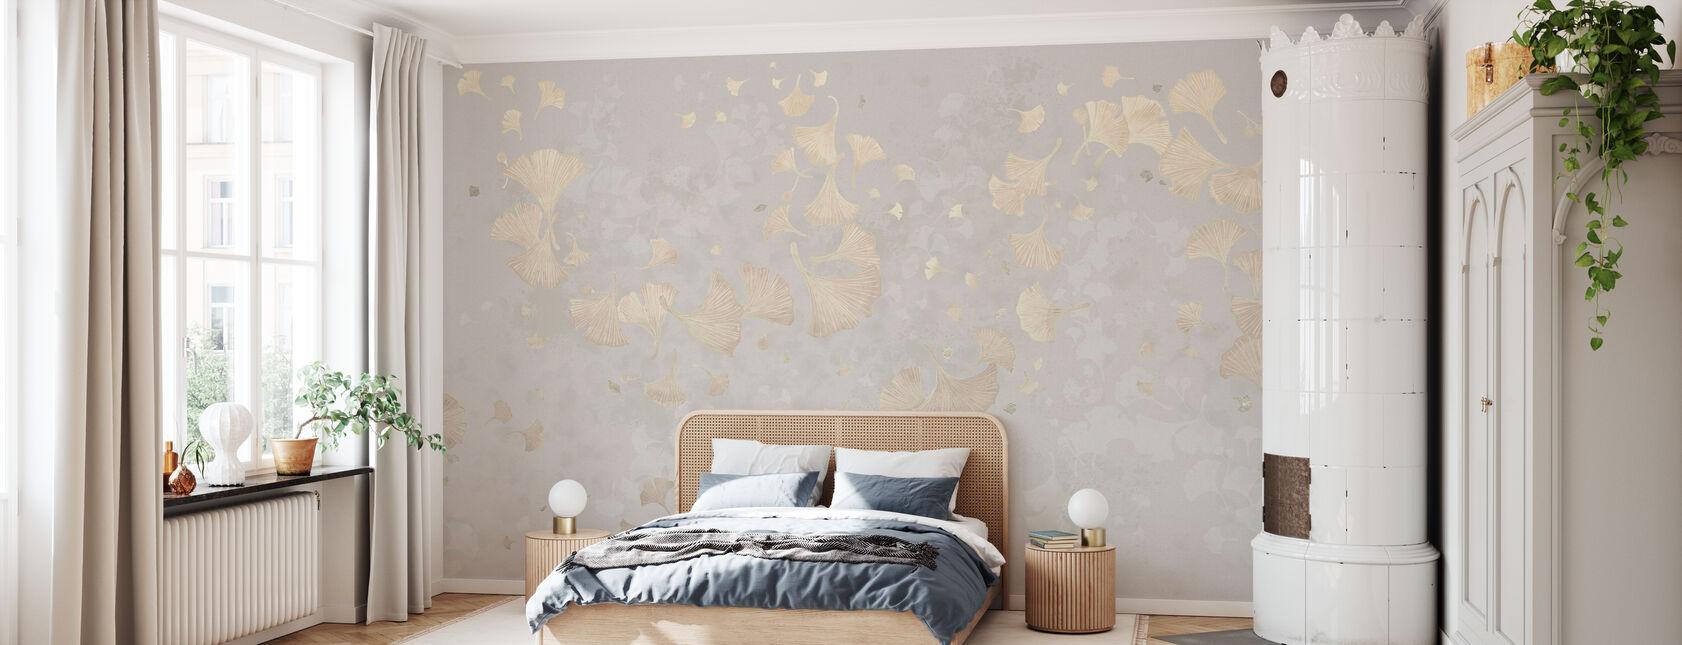 Ginkgo Blätter Blowin im Wind - Beige - Tapete - Schlafzimmer